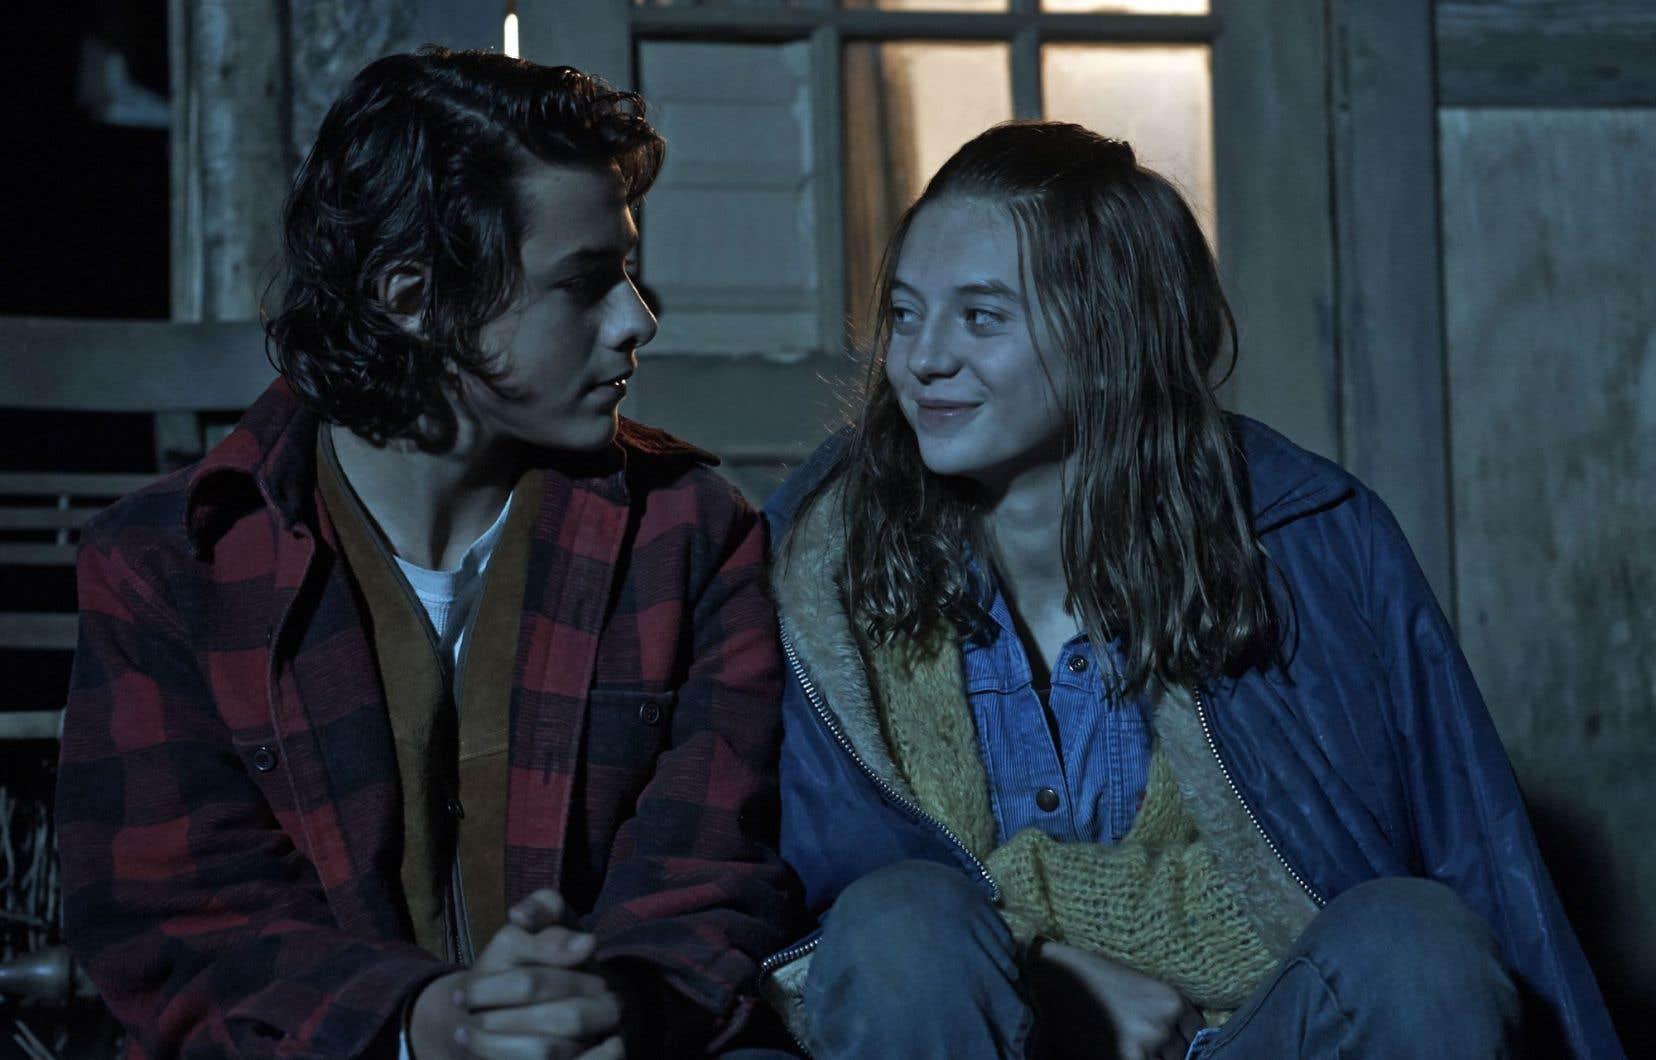 Dans ce film, les jeunes acteurs ne manquent pas de conviction.